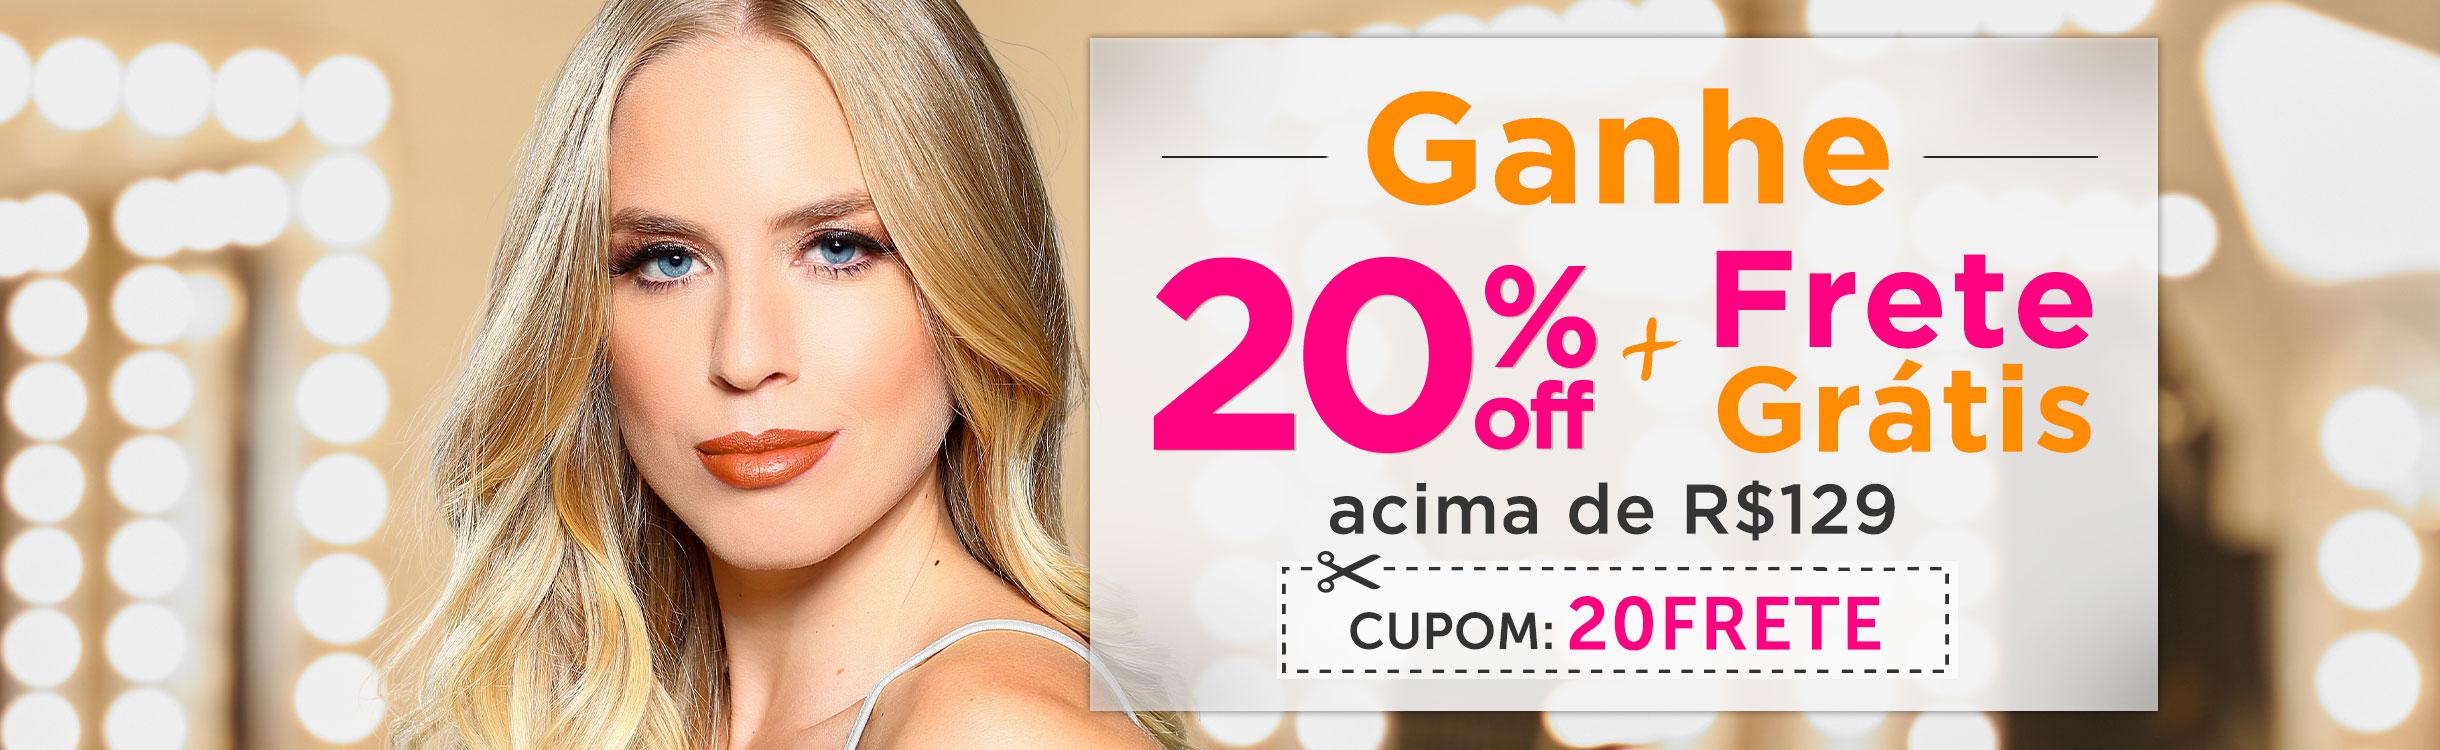 20% OFF Extra + Frete Grátis